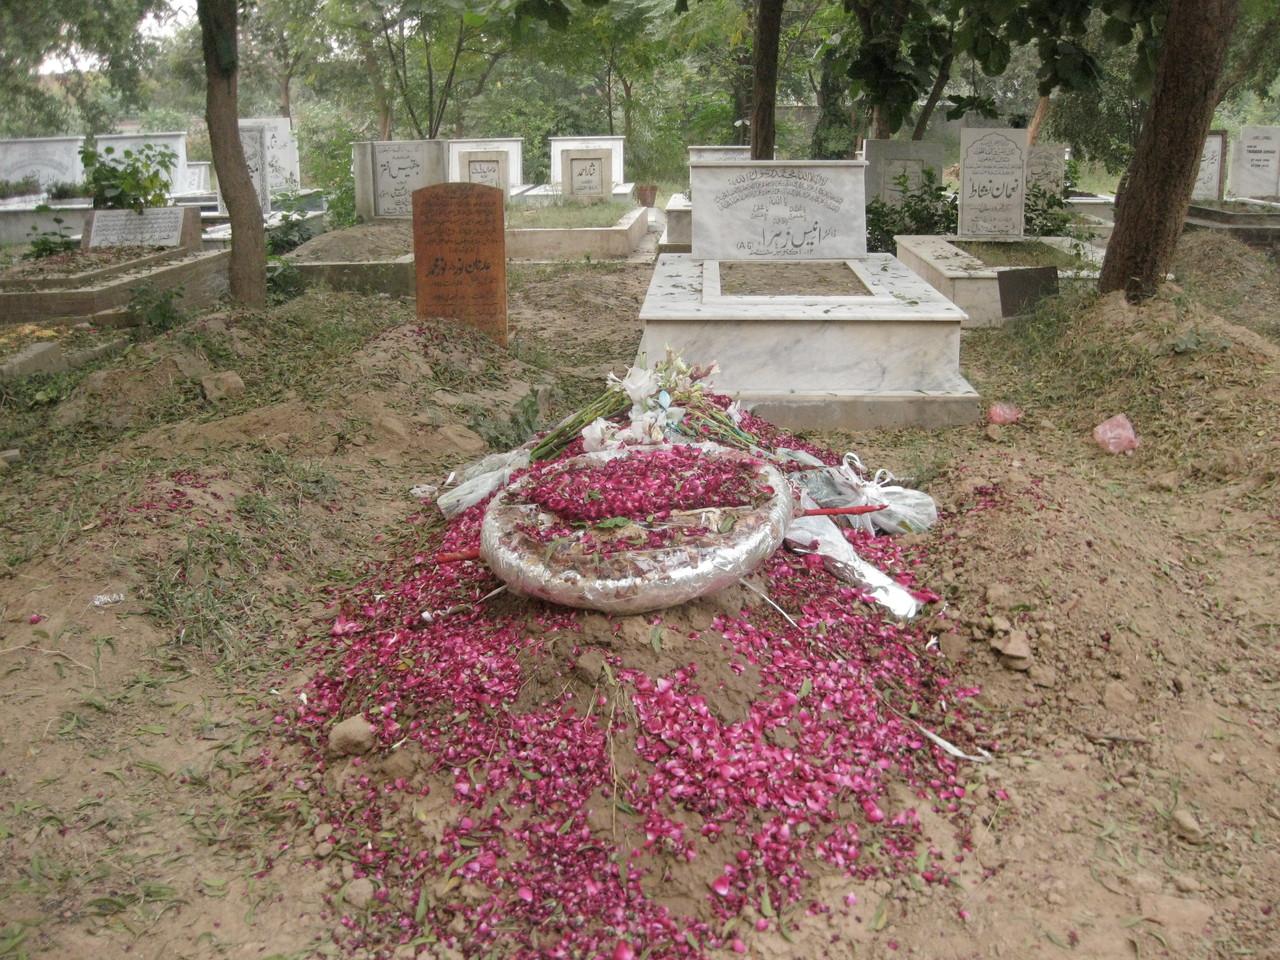 ヌザットさんのご両親、伯父さん、叔母さんが眠る墓地。こちらは最近亡くなられた他所の方のお墓。後で墓石が立てられる。